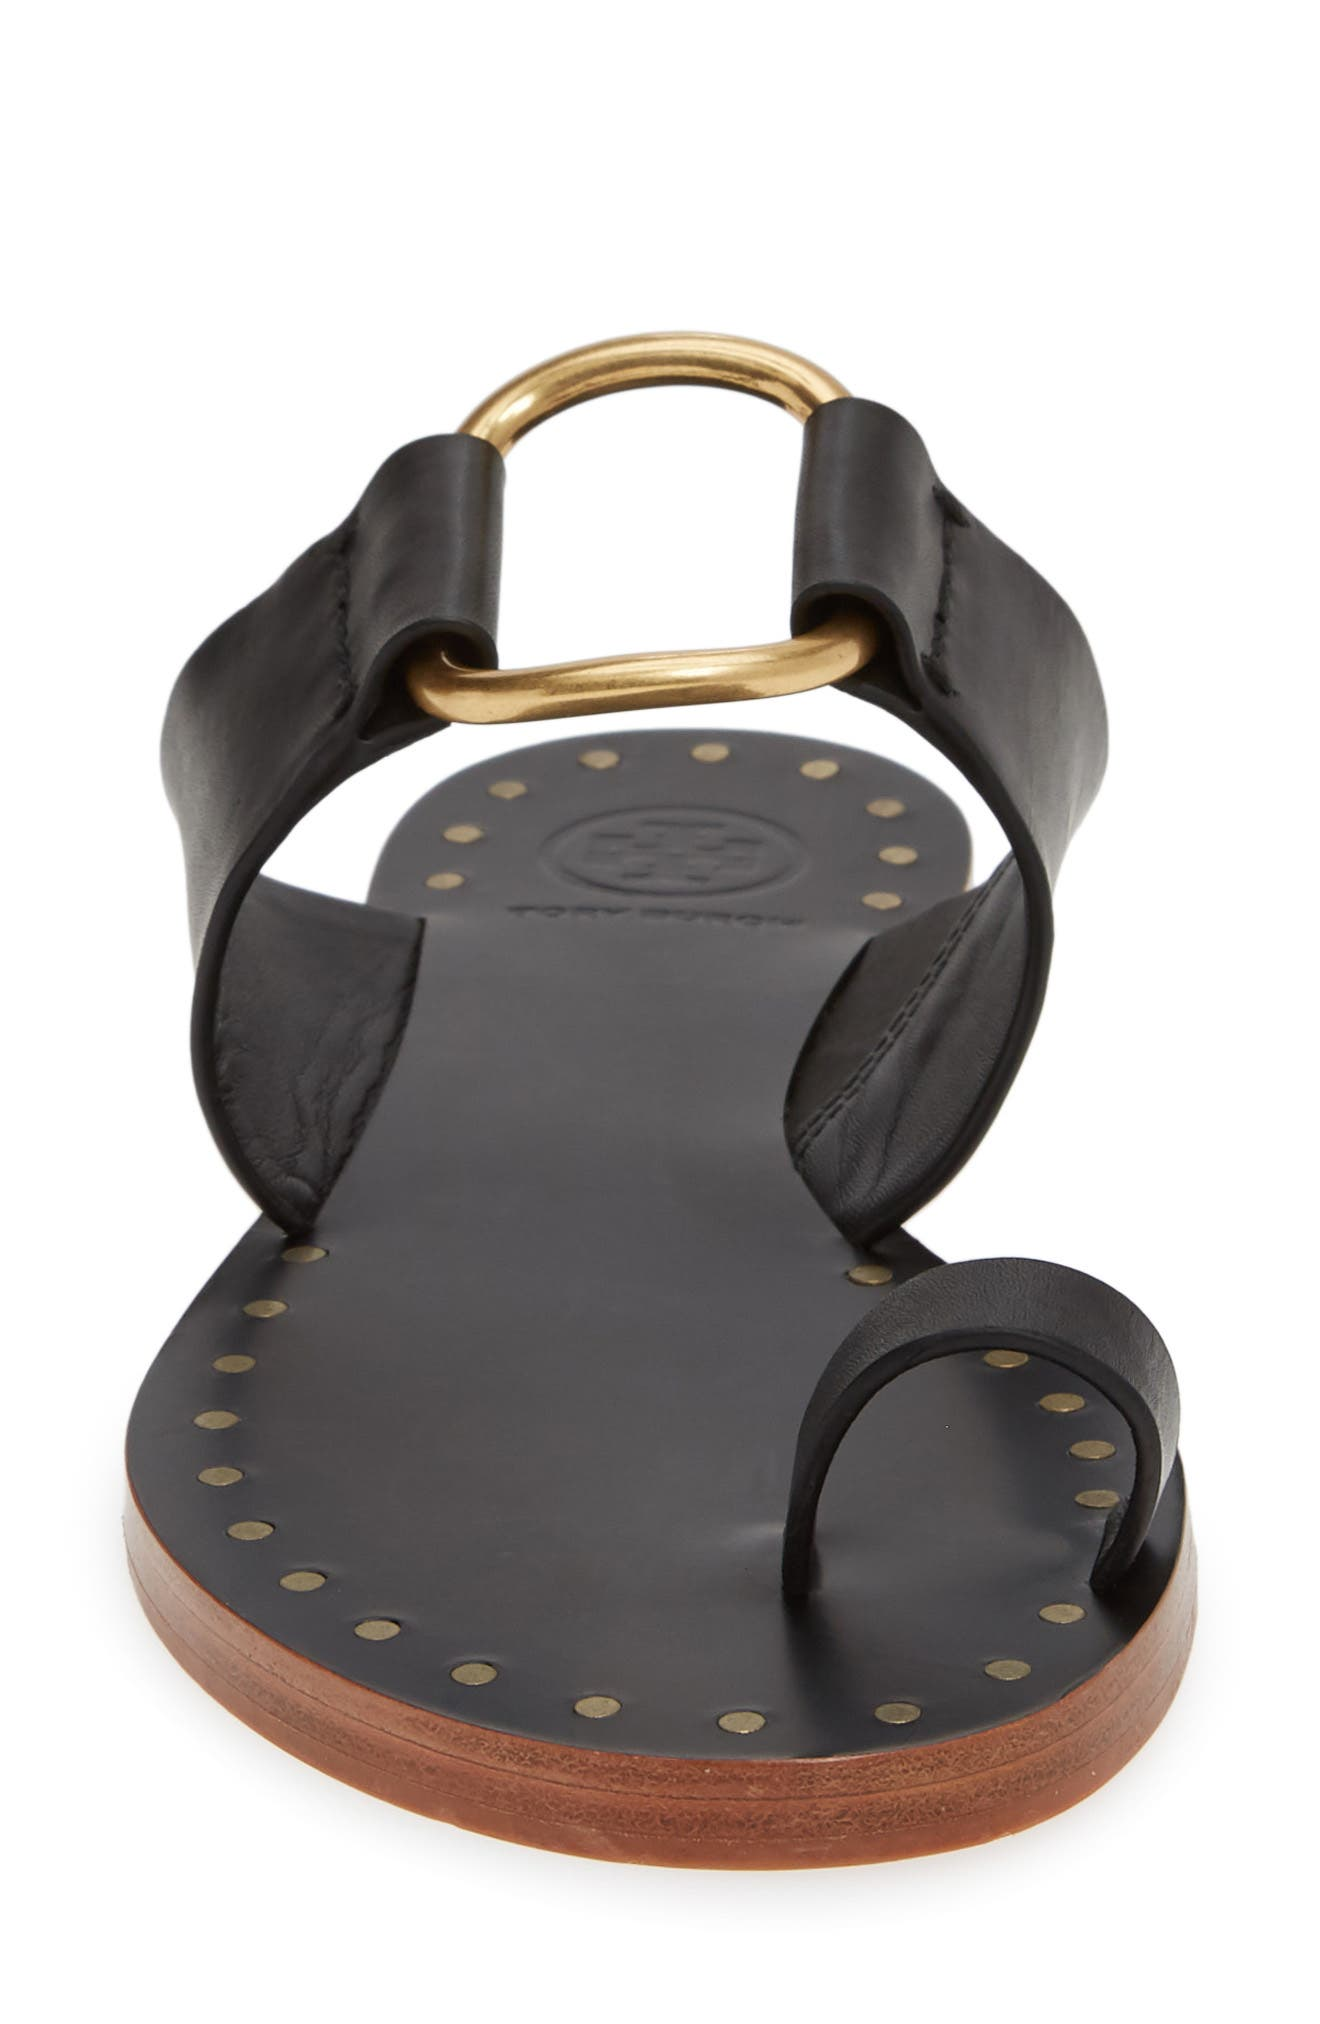 TORY BURCH, Ravello Toe Ring Sandal, Alternate thumbnail 4, color, PERFECT BLACK/ GOLD